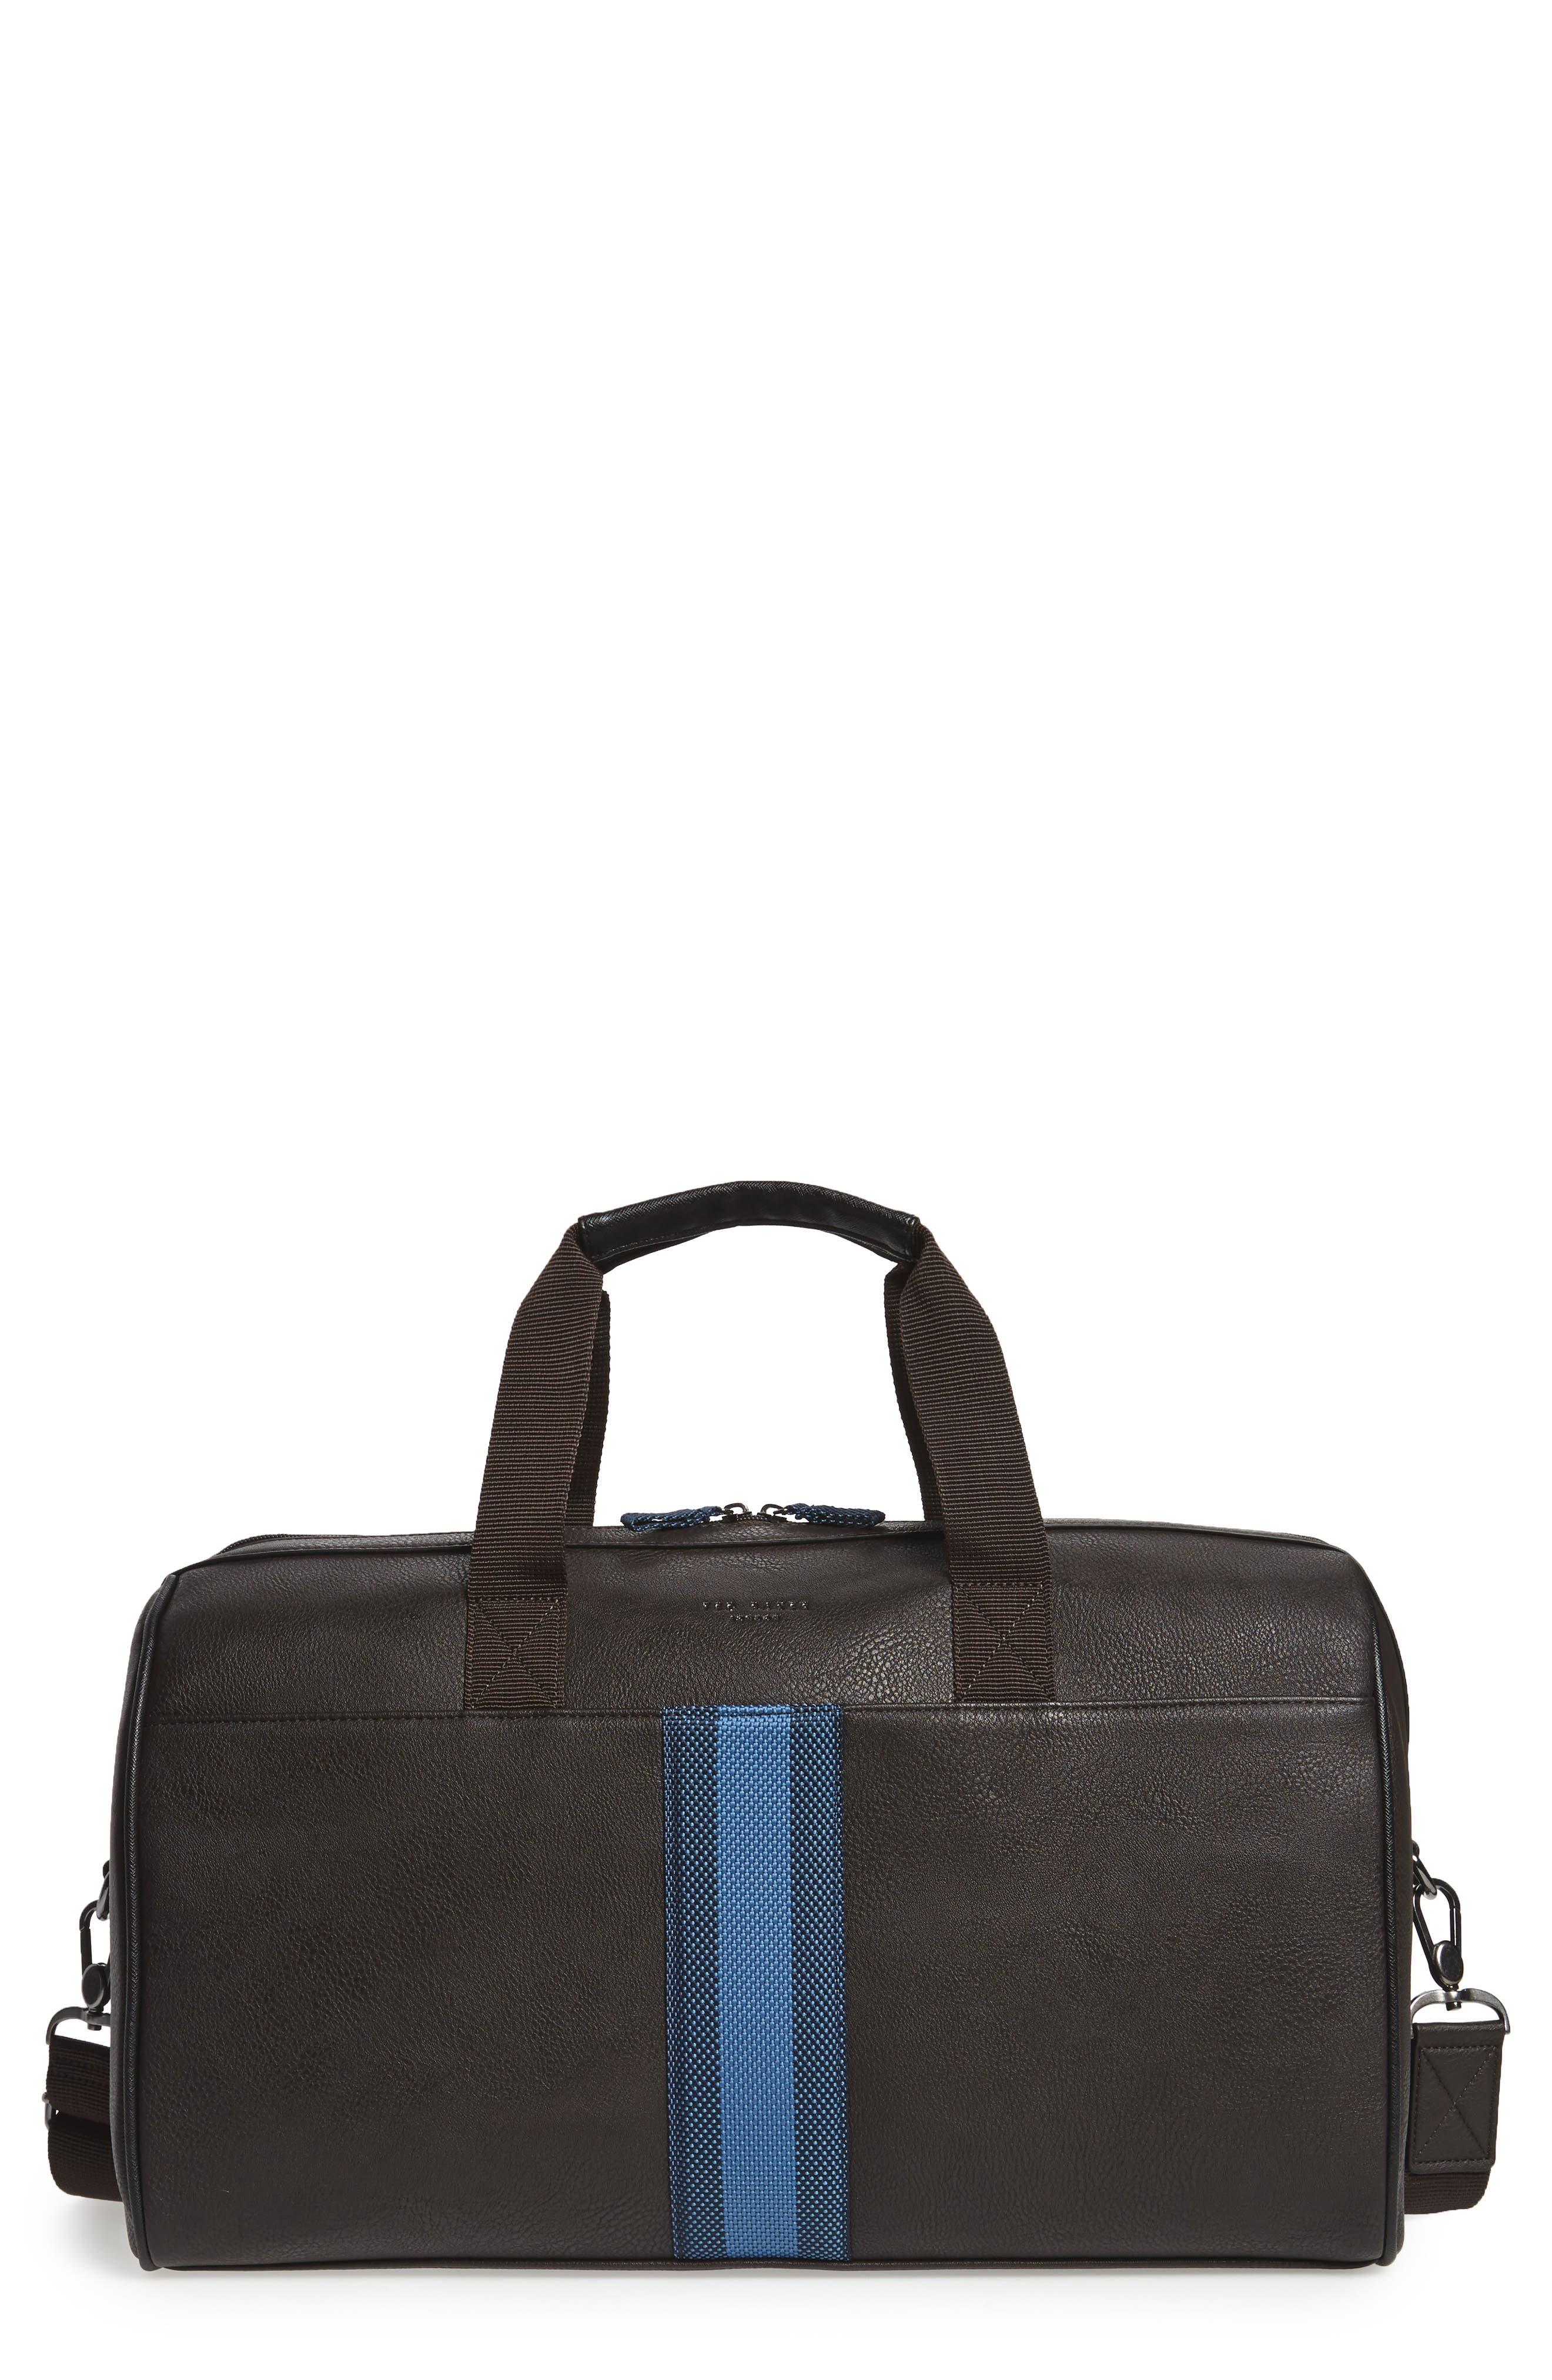 Ted Baker London Sanchez Duffel Bag